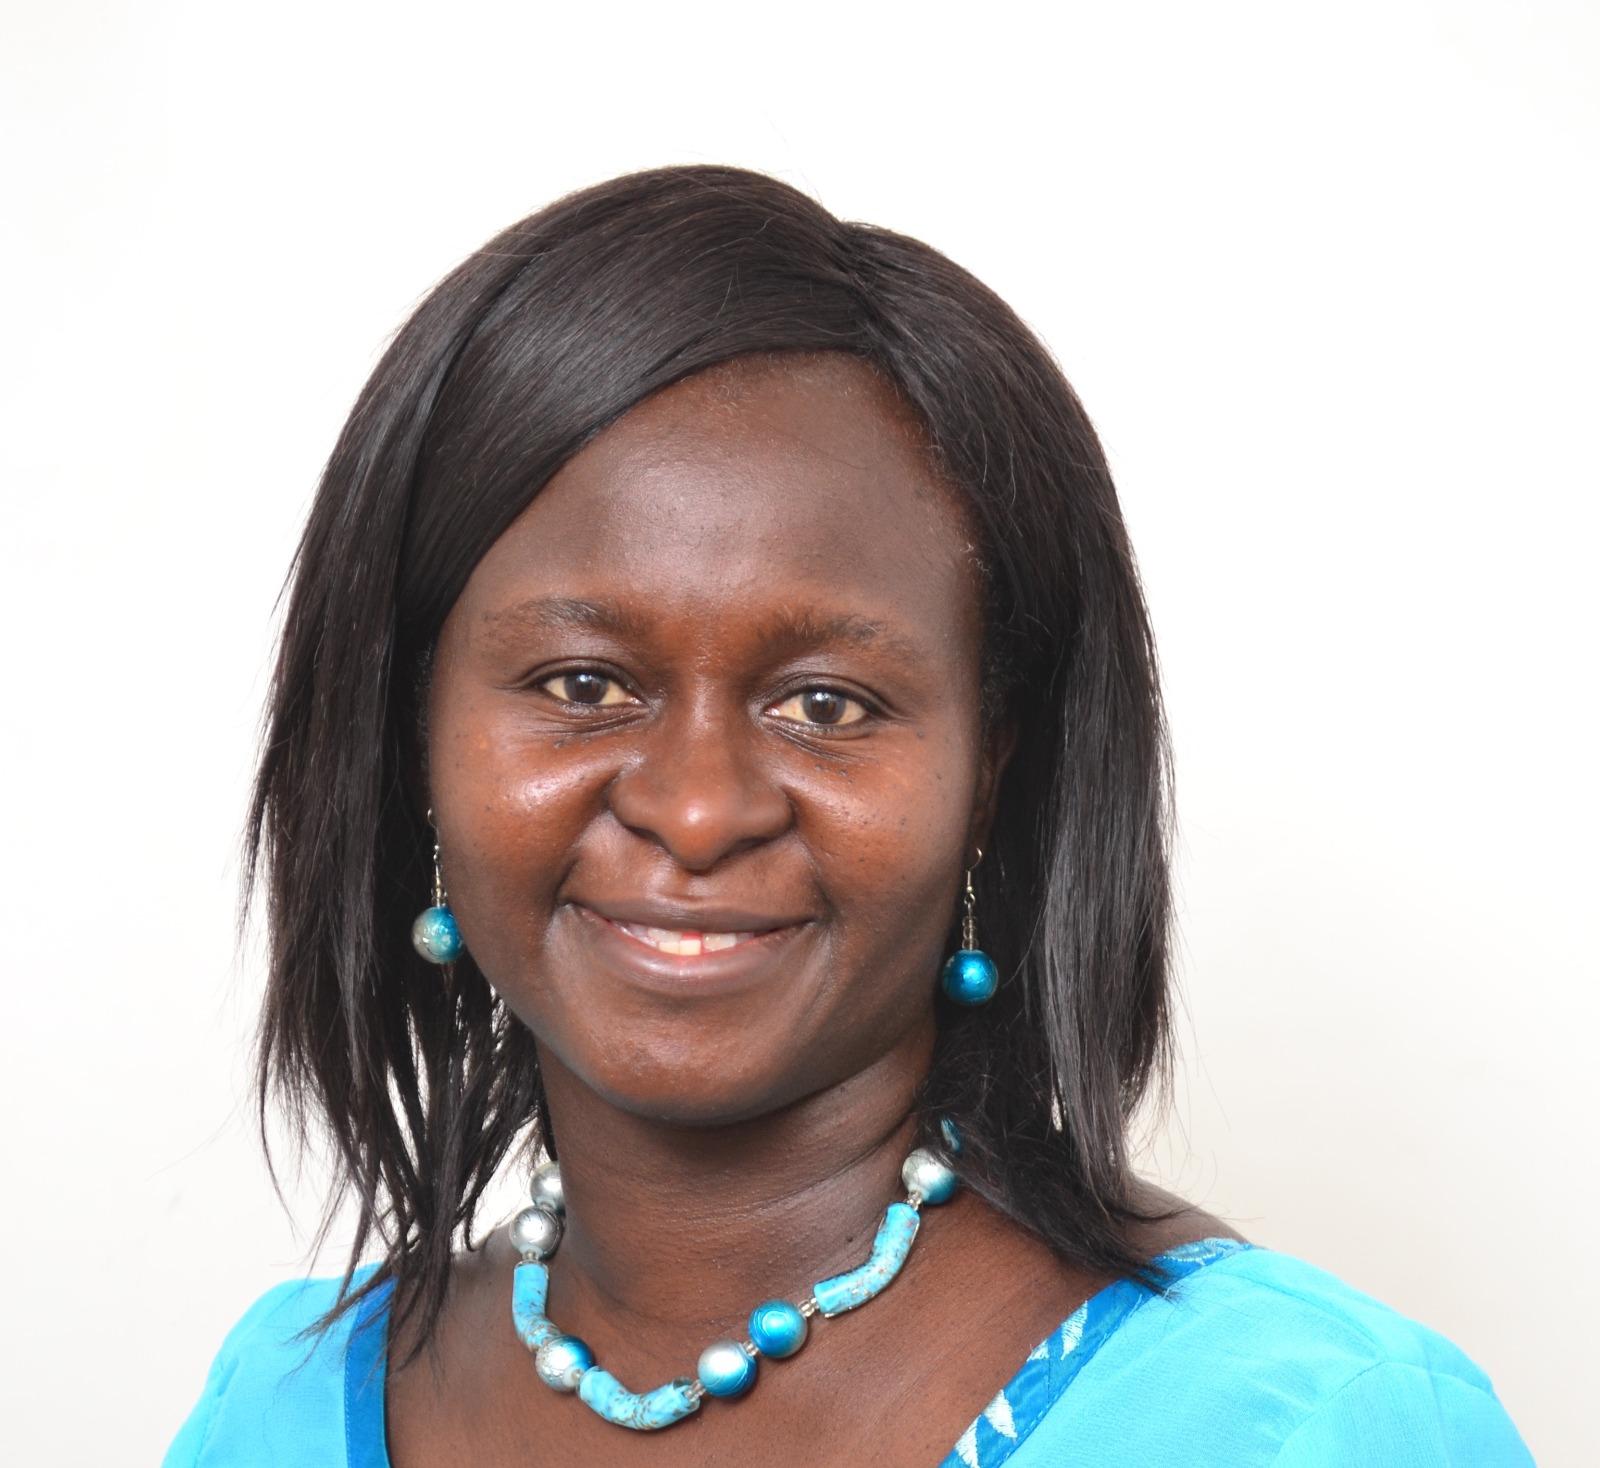 Rachel Tokou-Appiah : « Veiller à ce que les filles de demain n'héritent pas des inégalités d'aujourd'hui »